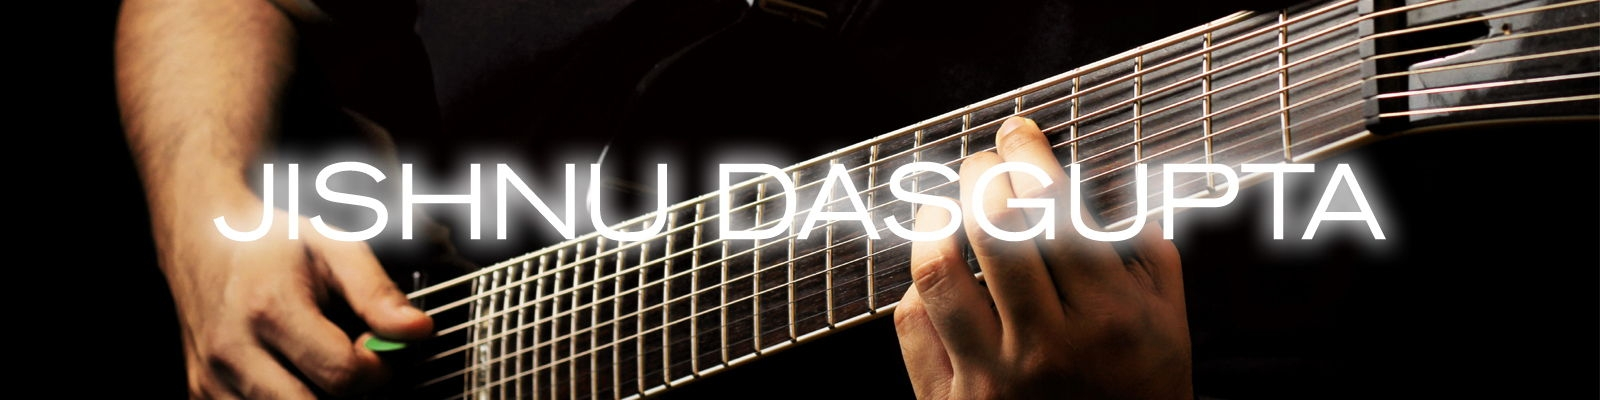 JAZZ GUITAR (@jazz-guitar) Cover Image